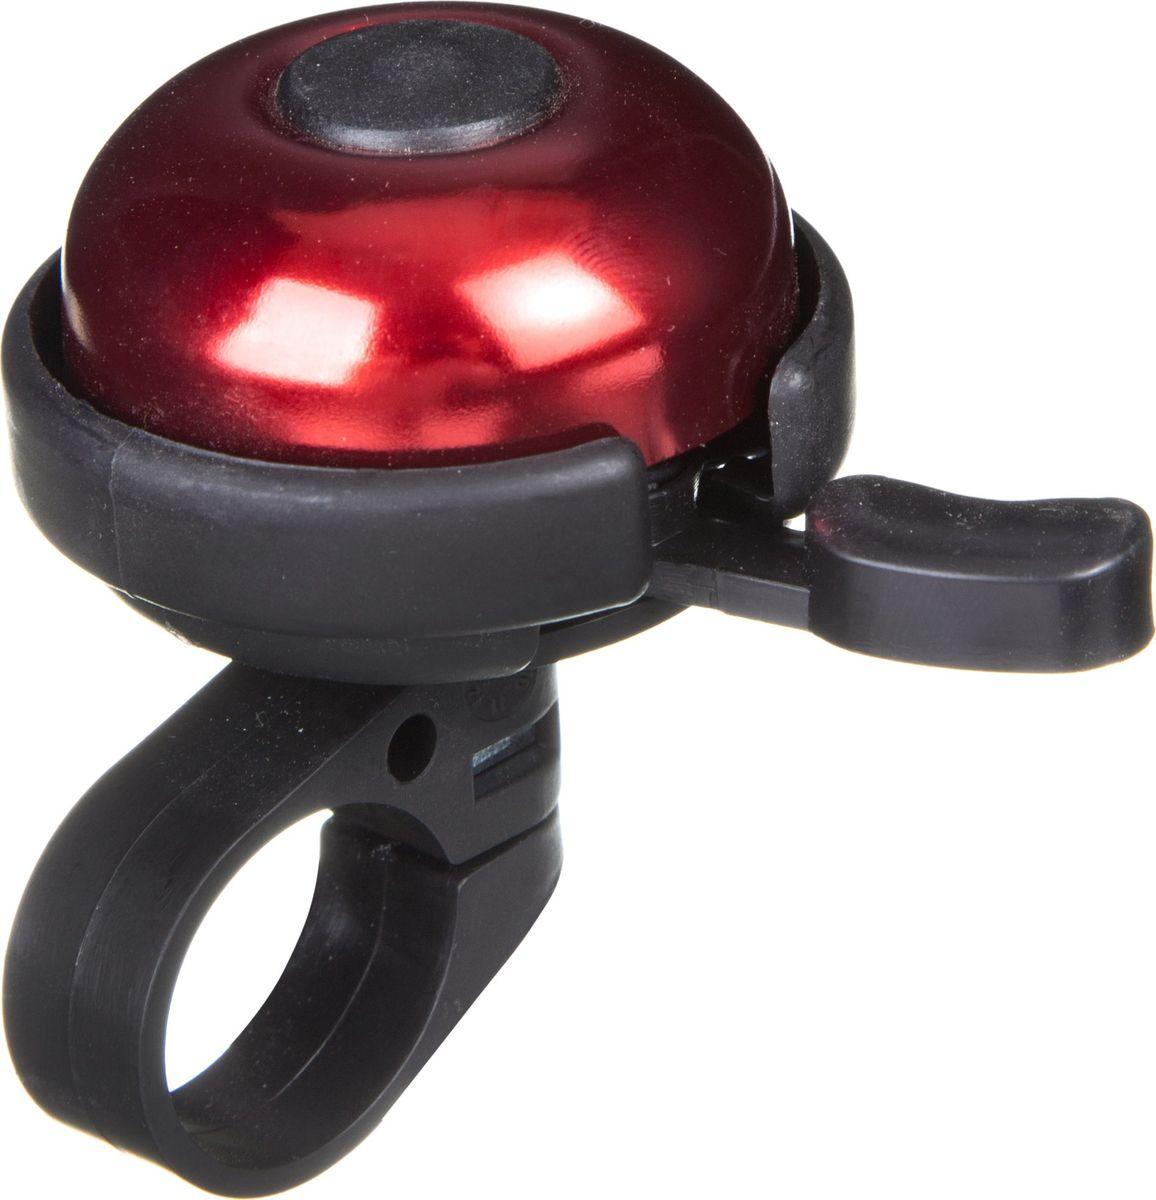 Звонок велосипедный STG 31А-05, цвет: красный, черныйХ82743Звонок STG 31А-05, выполненный из высококачественных материалов, предупредит пешеходов и других велосипедистов о вашем приближении, а также обеспечит безопасность вашего движения. Звонок предназначен для крепления на руль и подойдет не только для велосипедов, но и для самокатов.